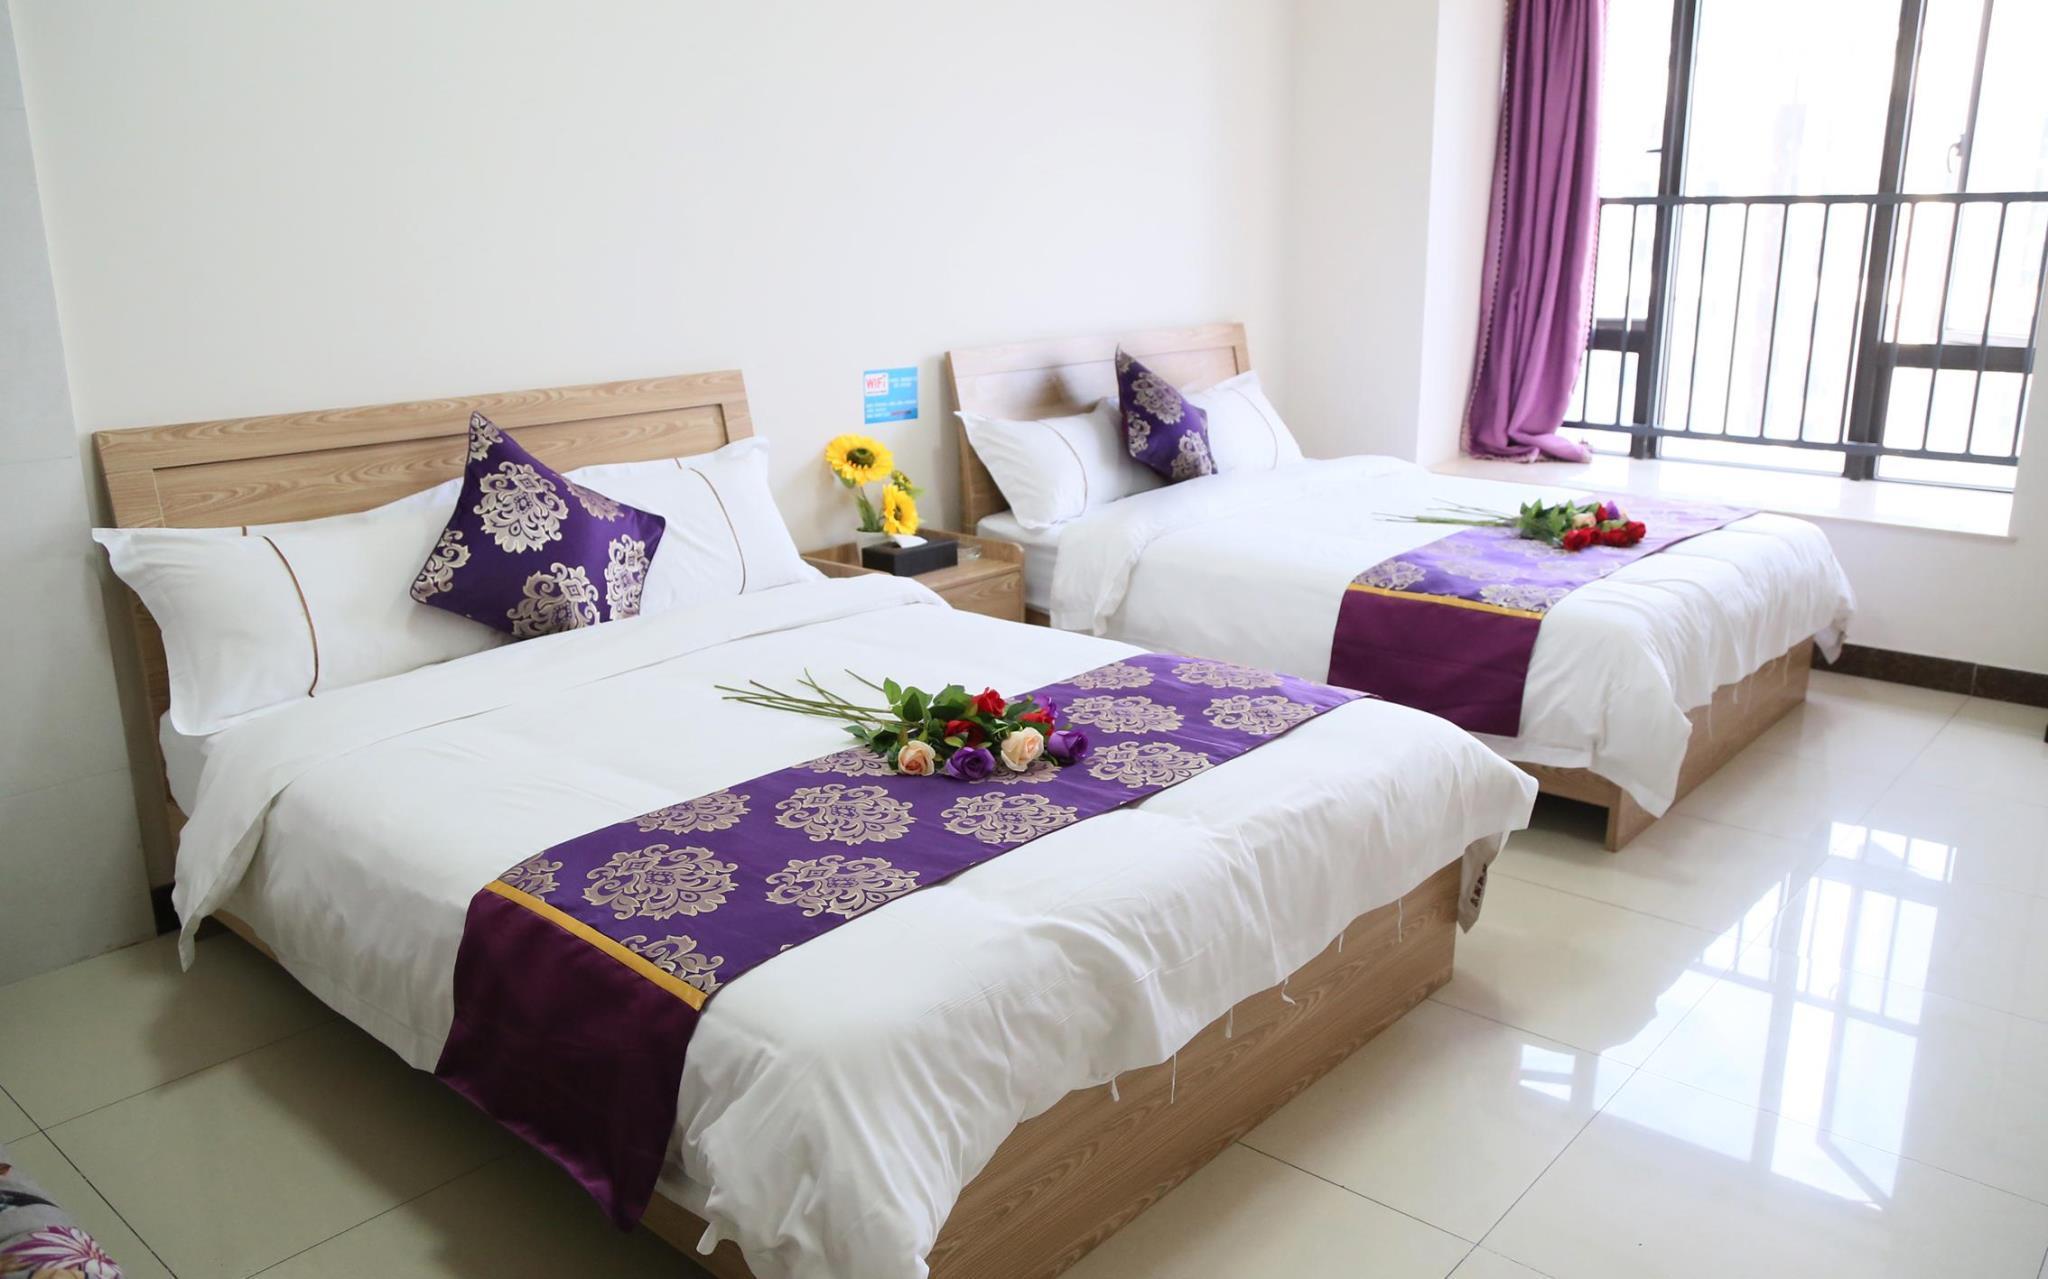 PAZHOU JUNYAO 1 Living Room And 1 Bedroom Apt